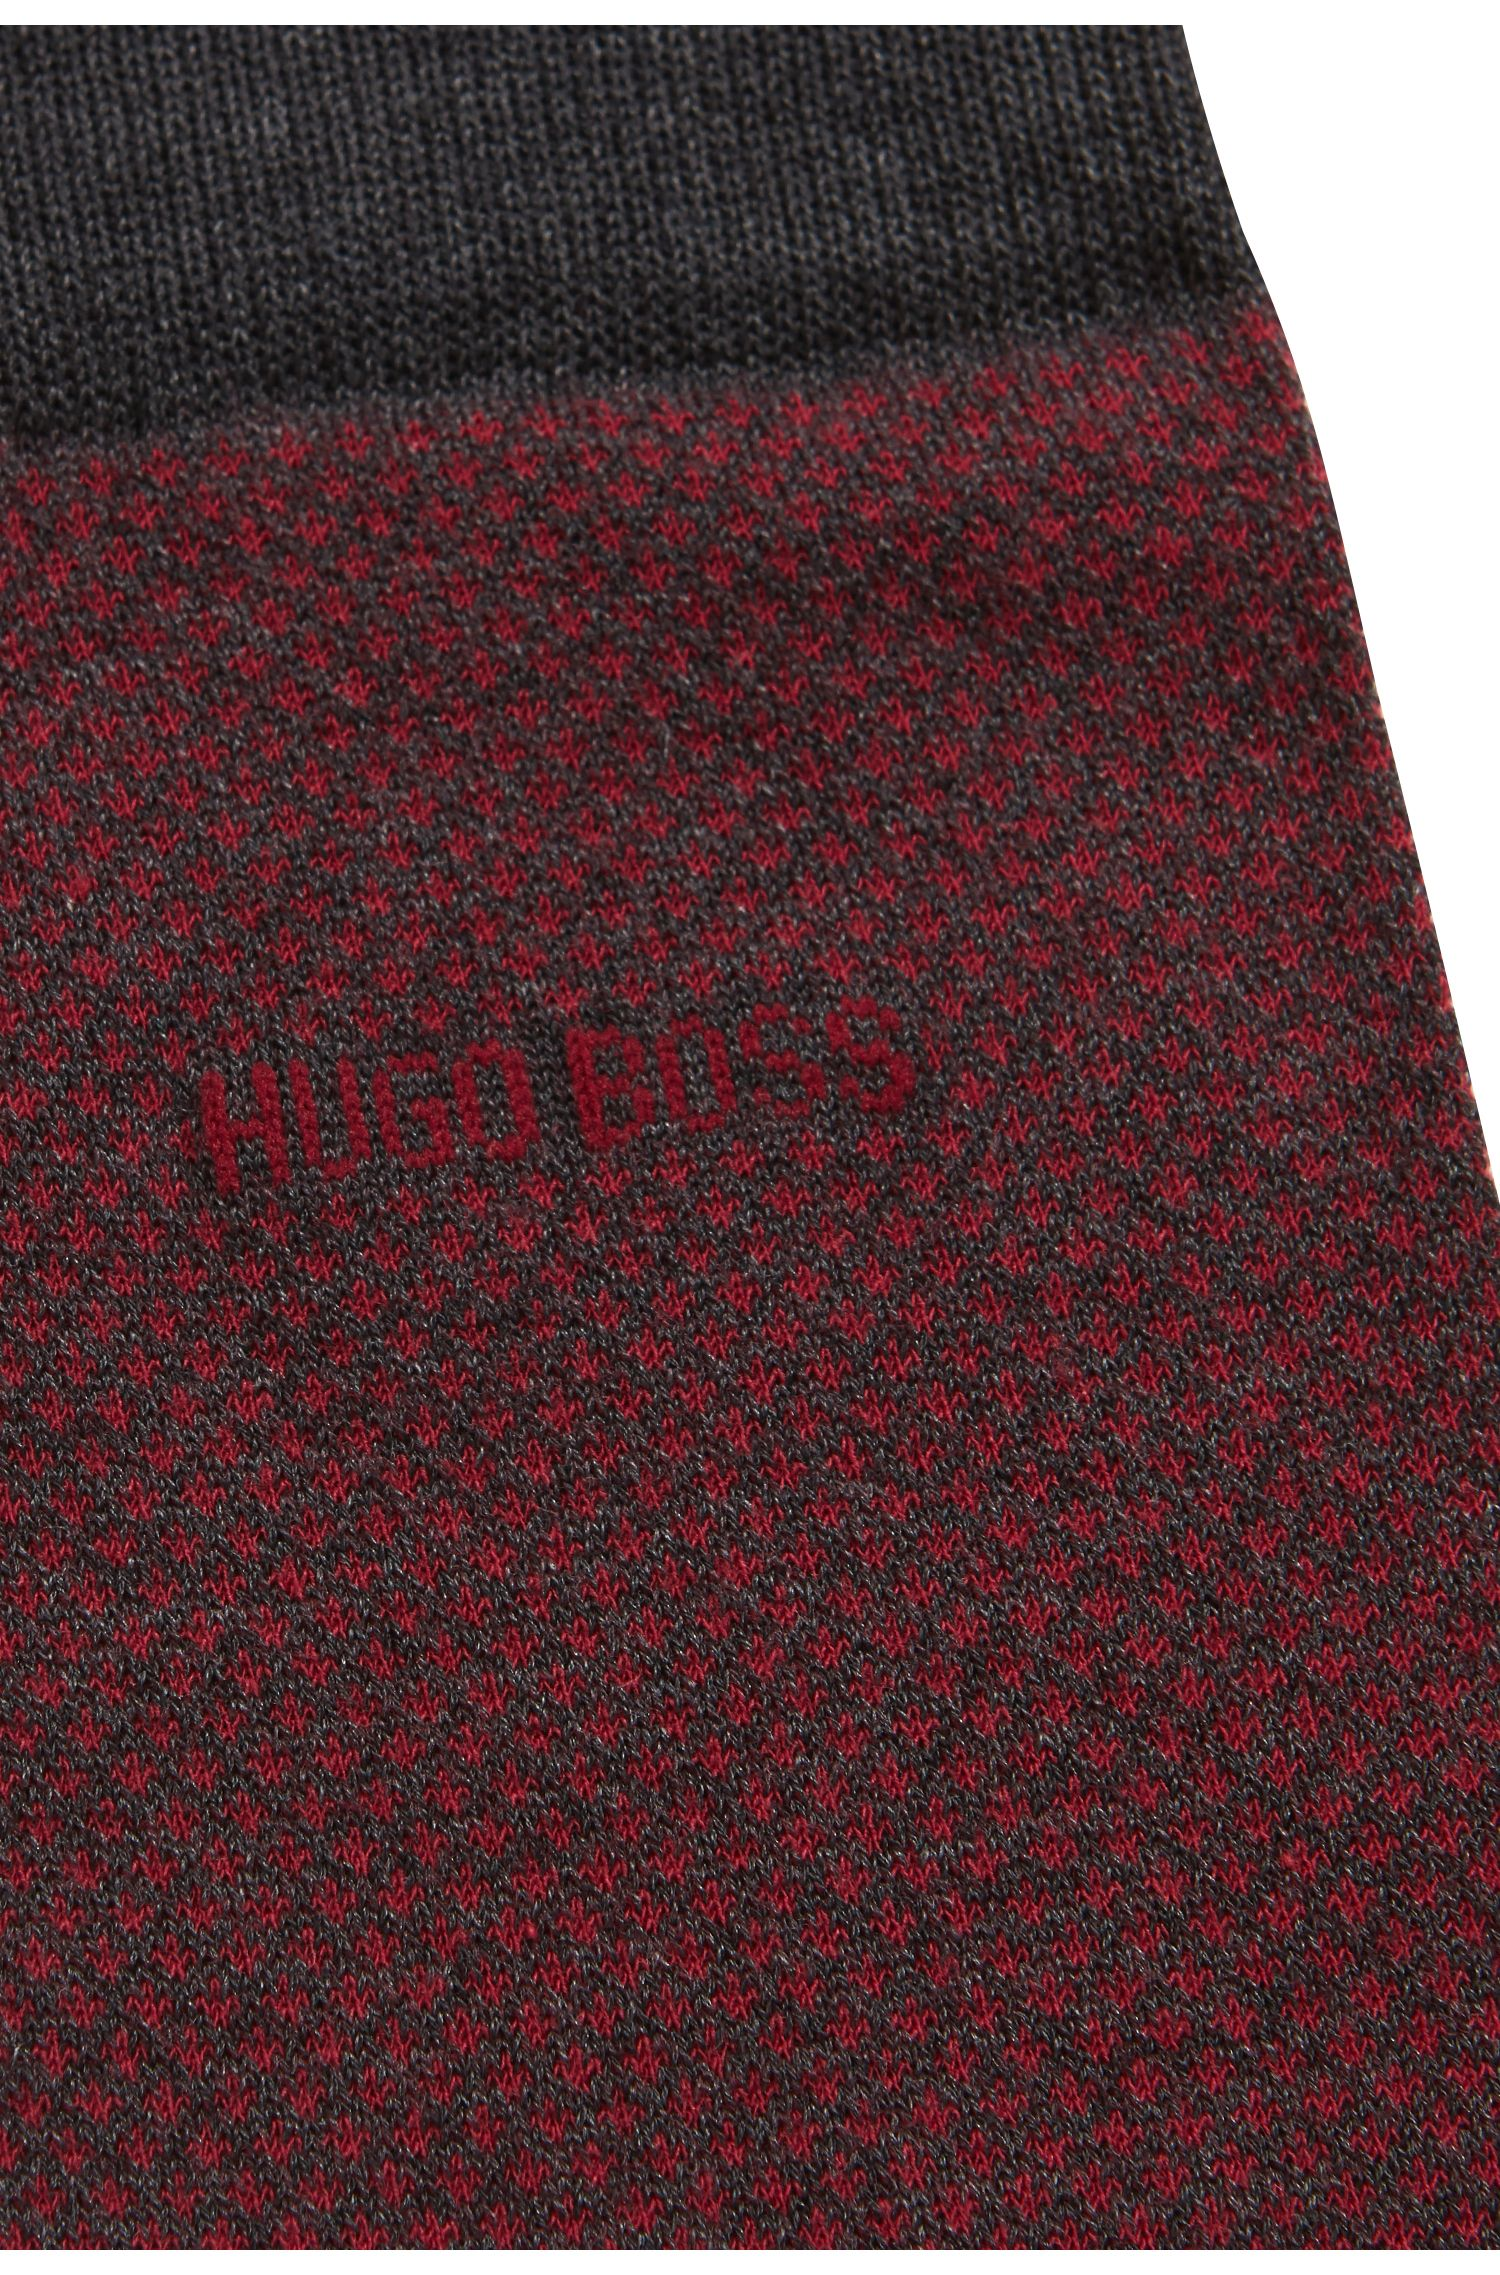 Chaussettes mi-mollet en coton stretch mercerisé à micro motif, Anthracite